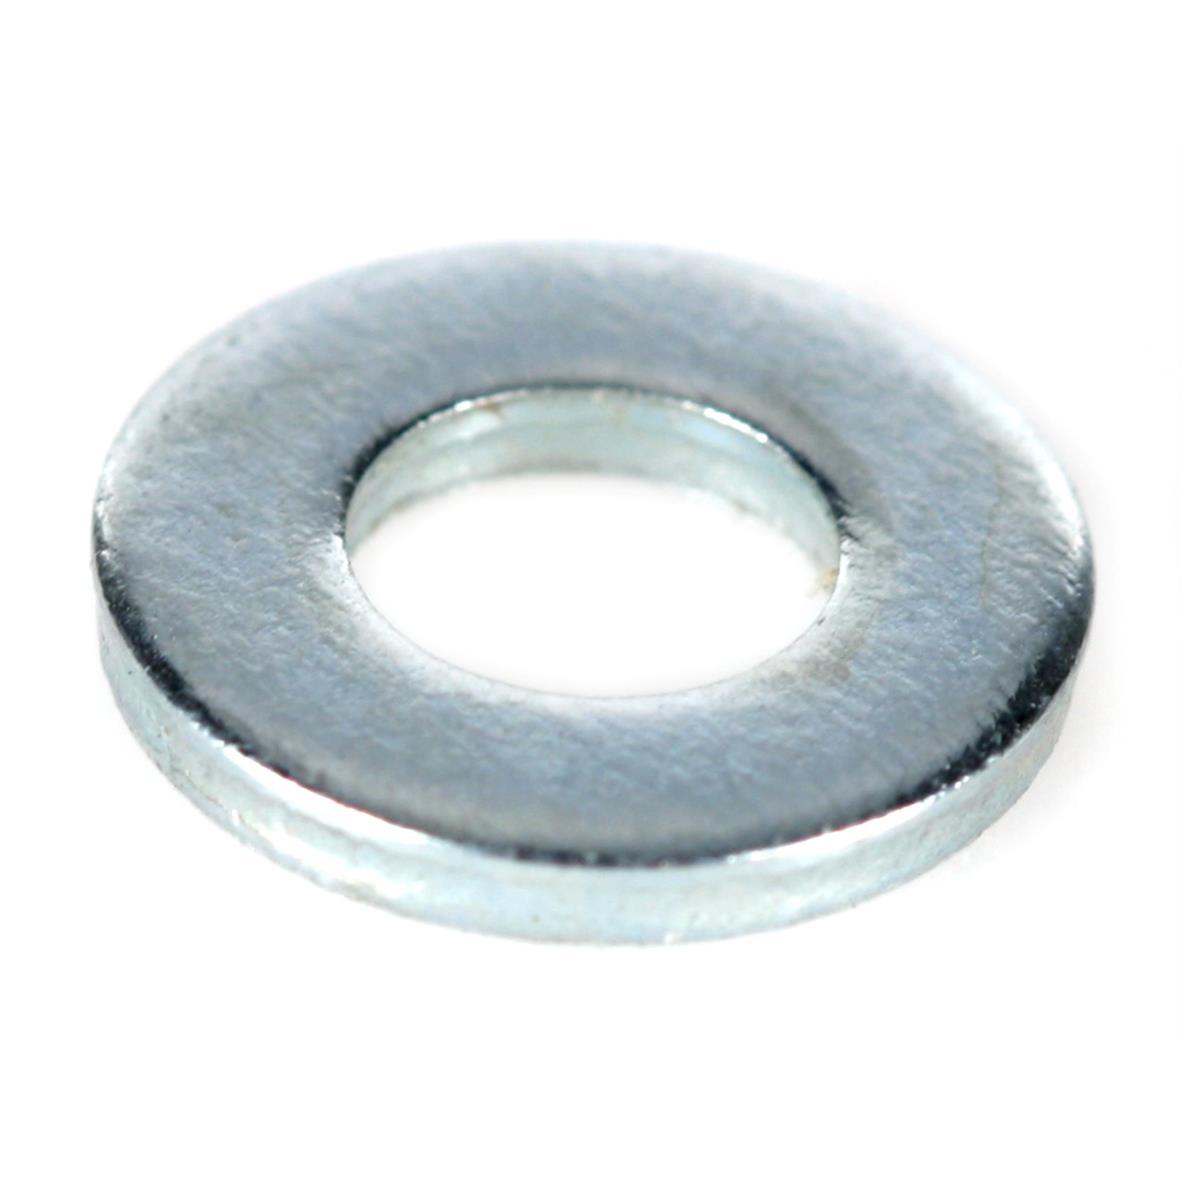 Image du produit 'Rondelle vis porte-bagage/barre de maintien Ø 6,4x13x1,5 mm, PIAGGIO'